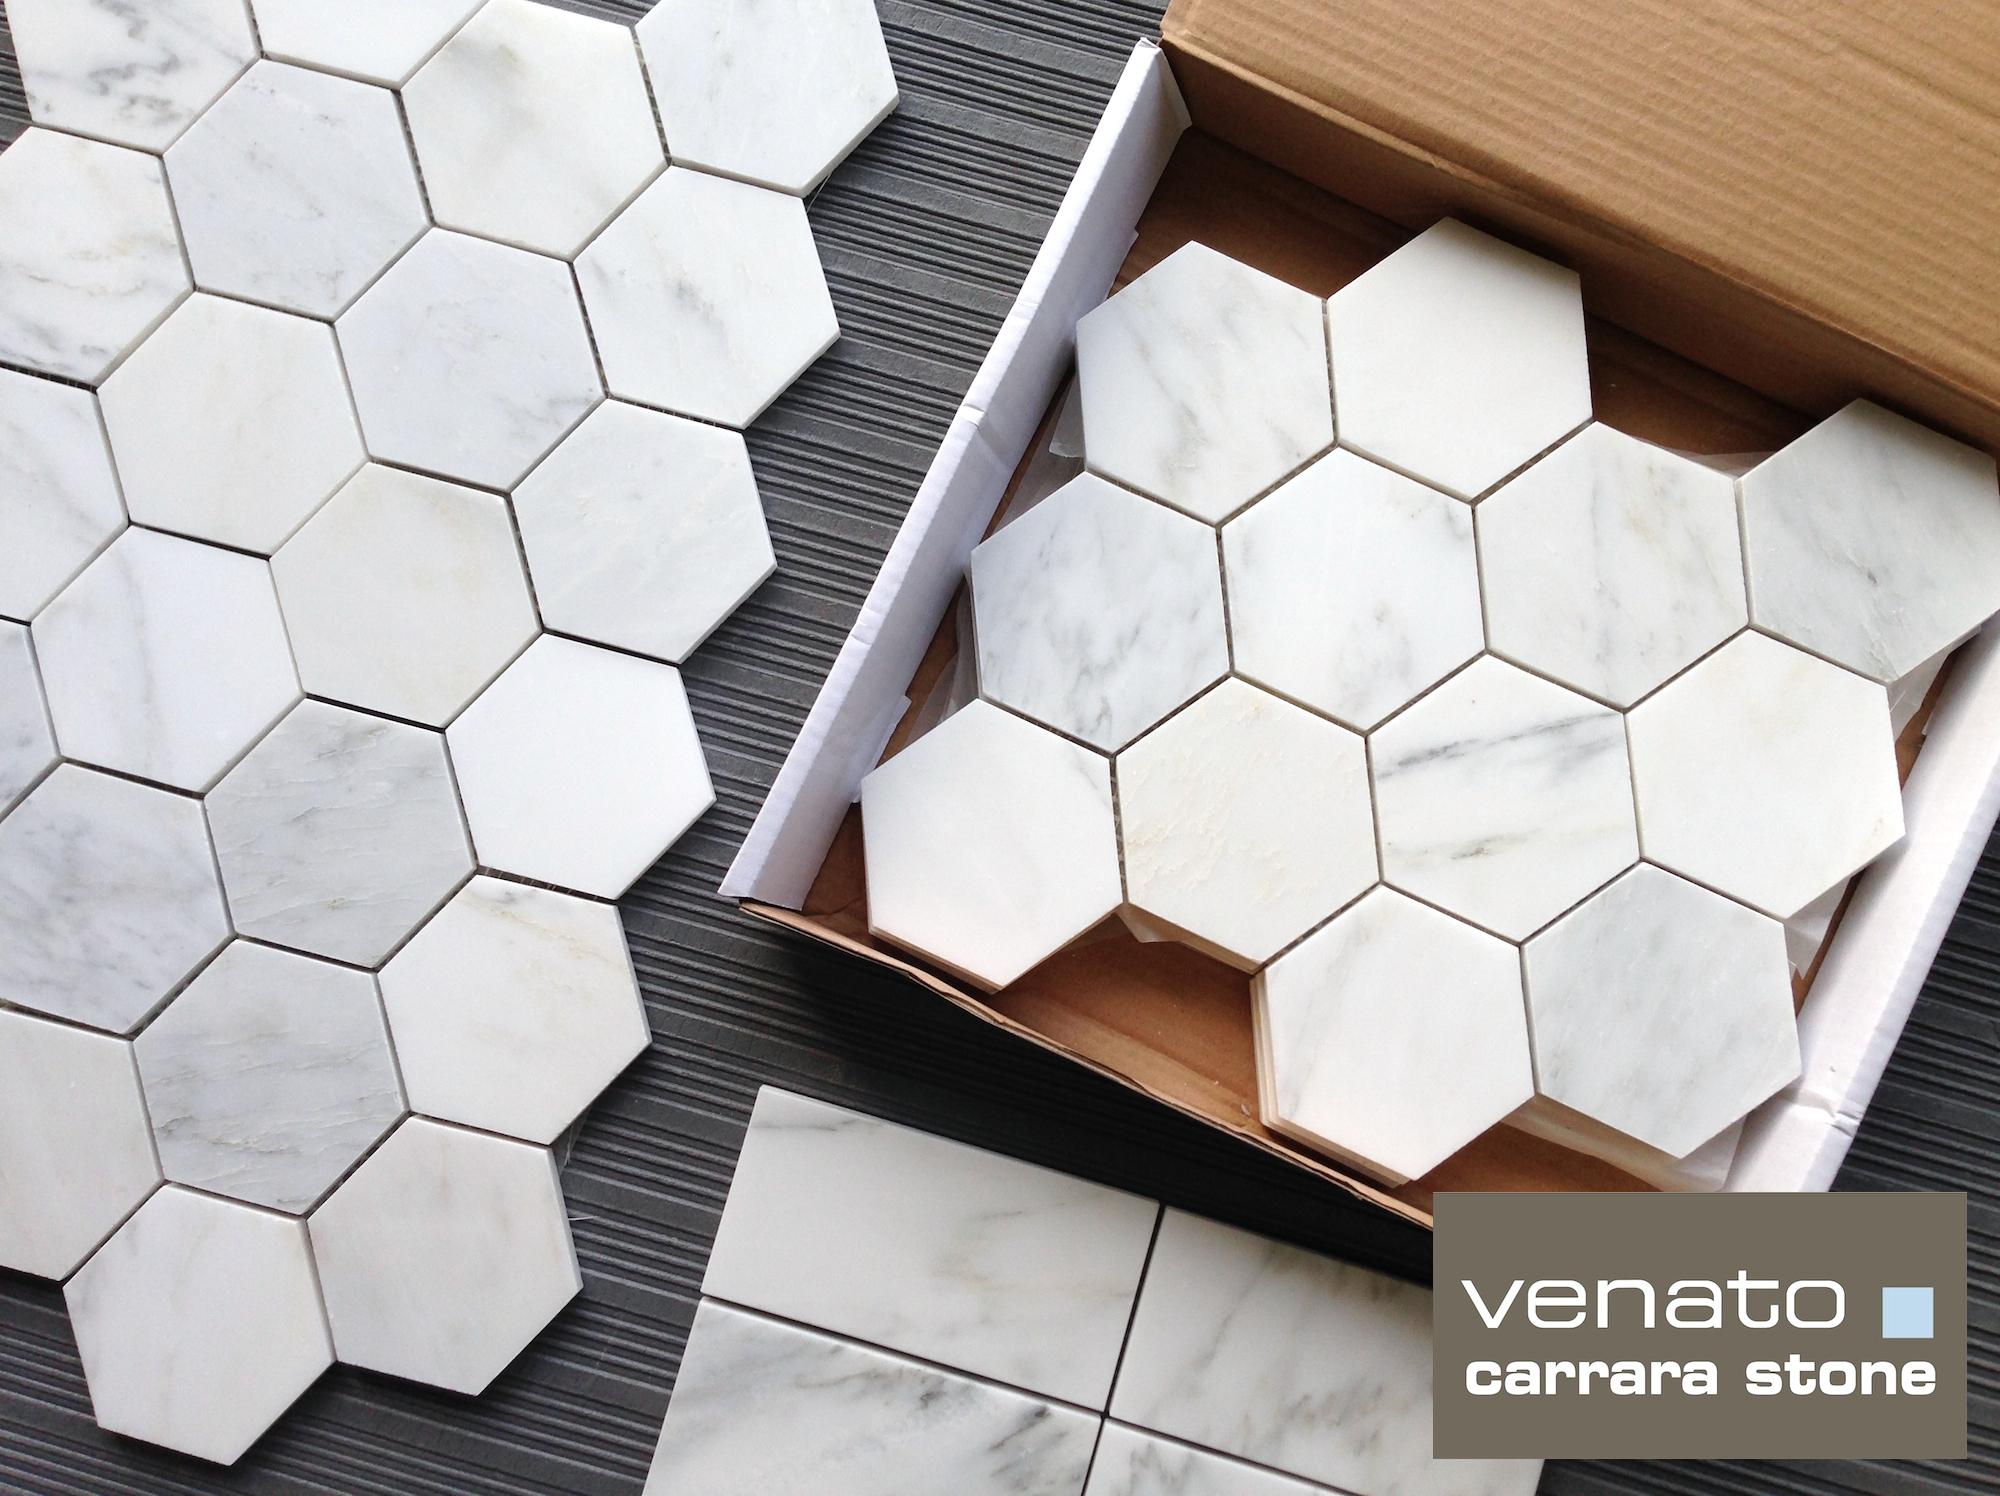 carrara venato 4 4 hexagon mosaic